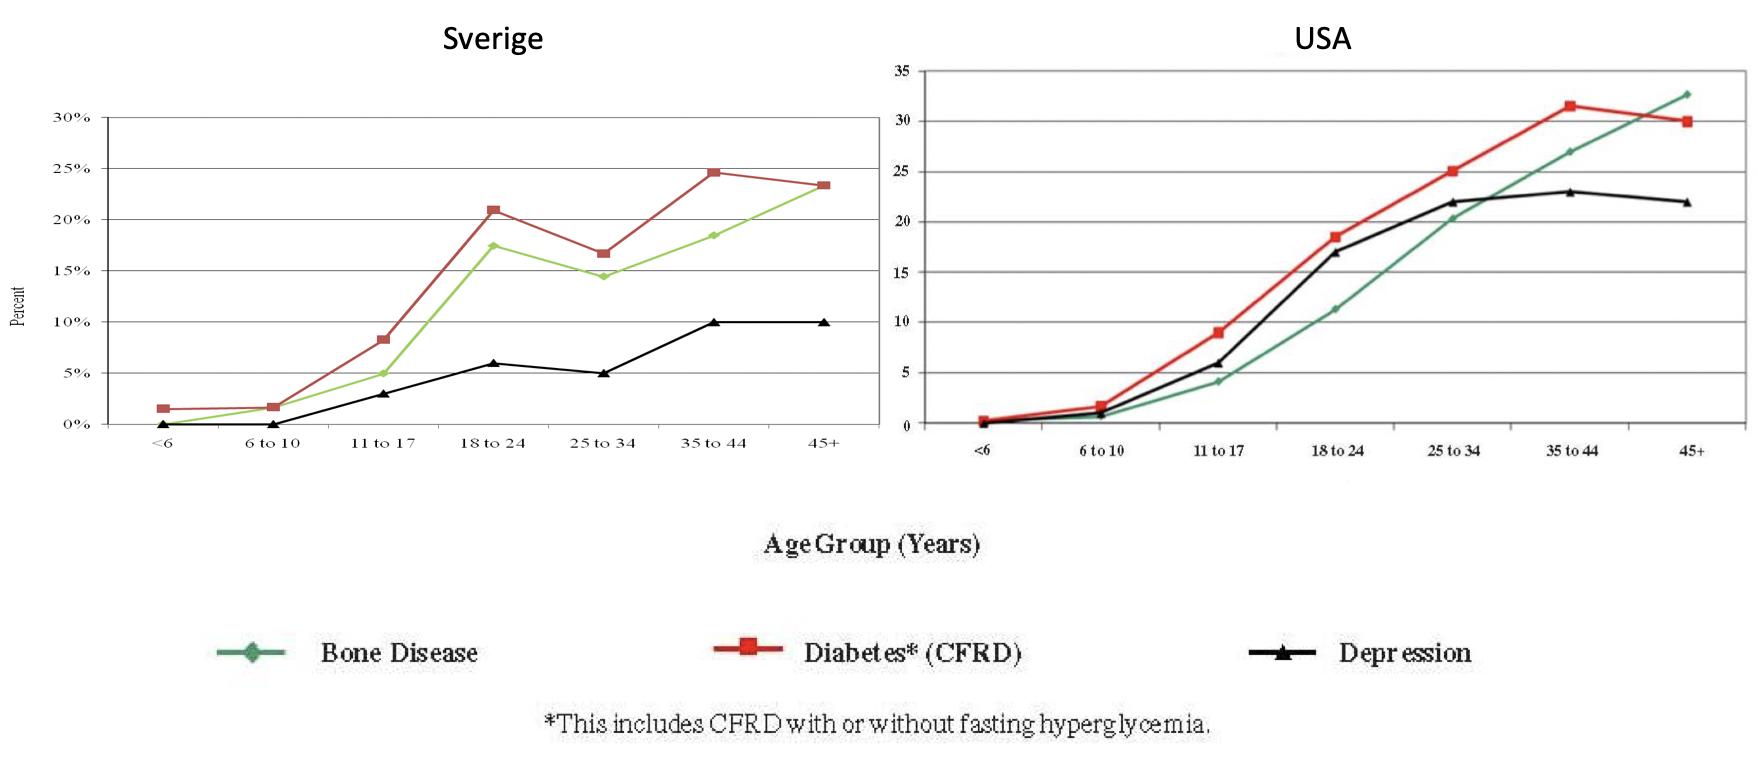 Figur 7. Procent patienter med CF-relaterad diabetes, benskörhet resp depression i USA och Sverige 2007.